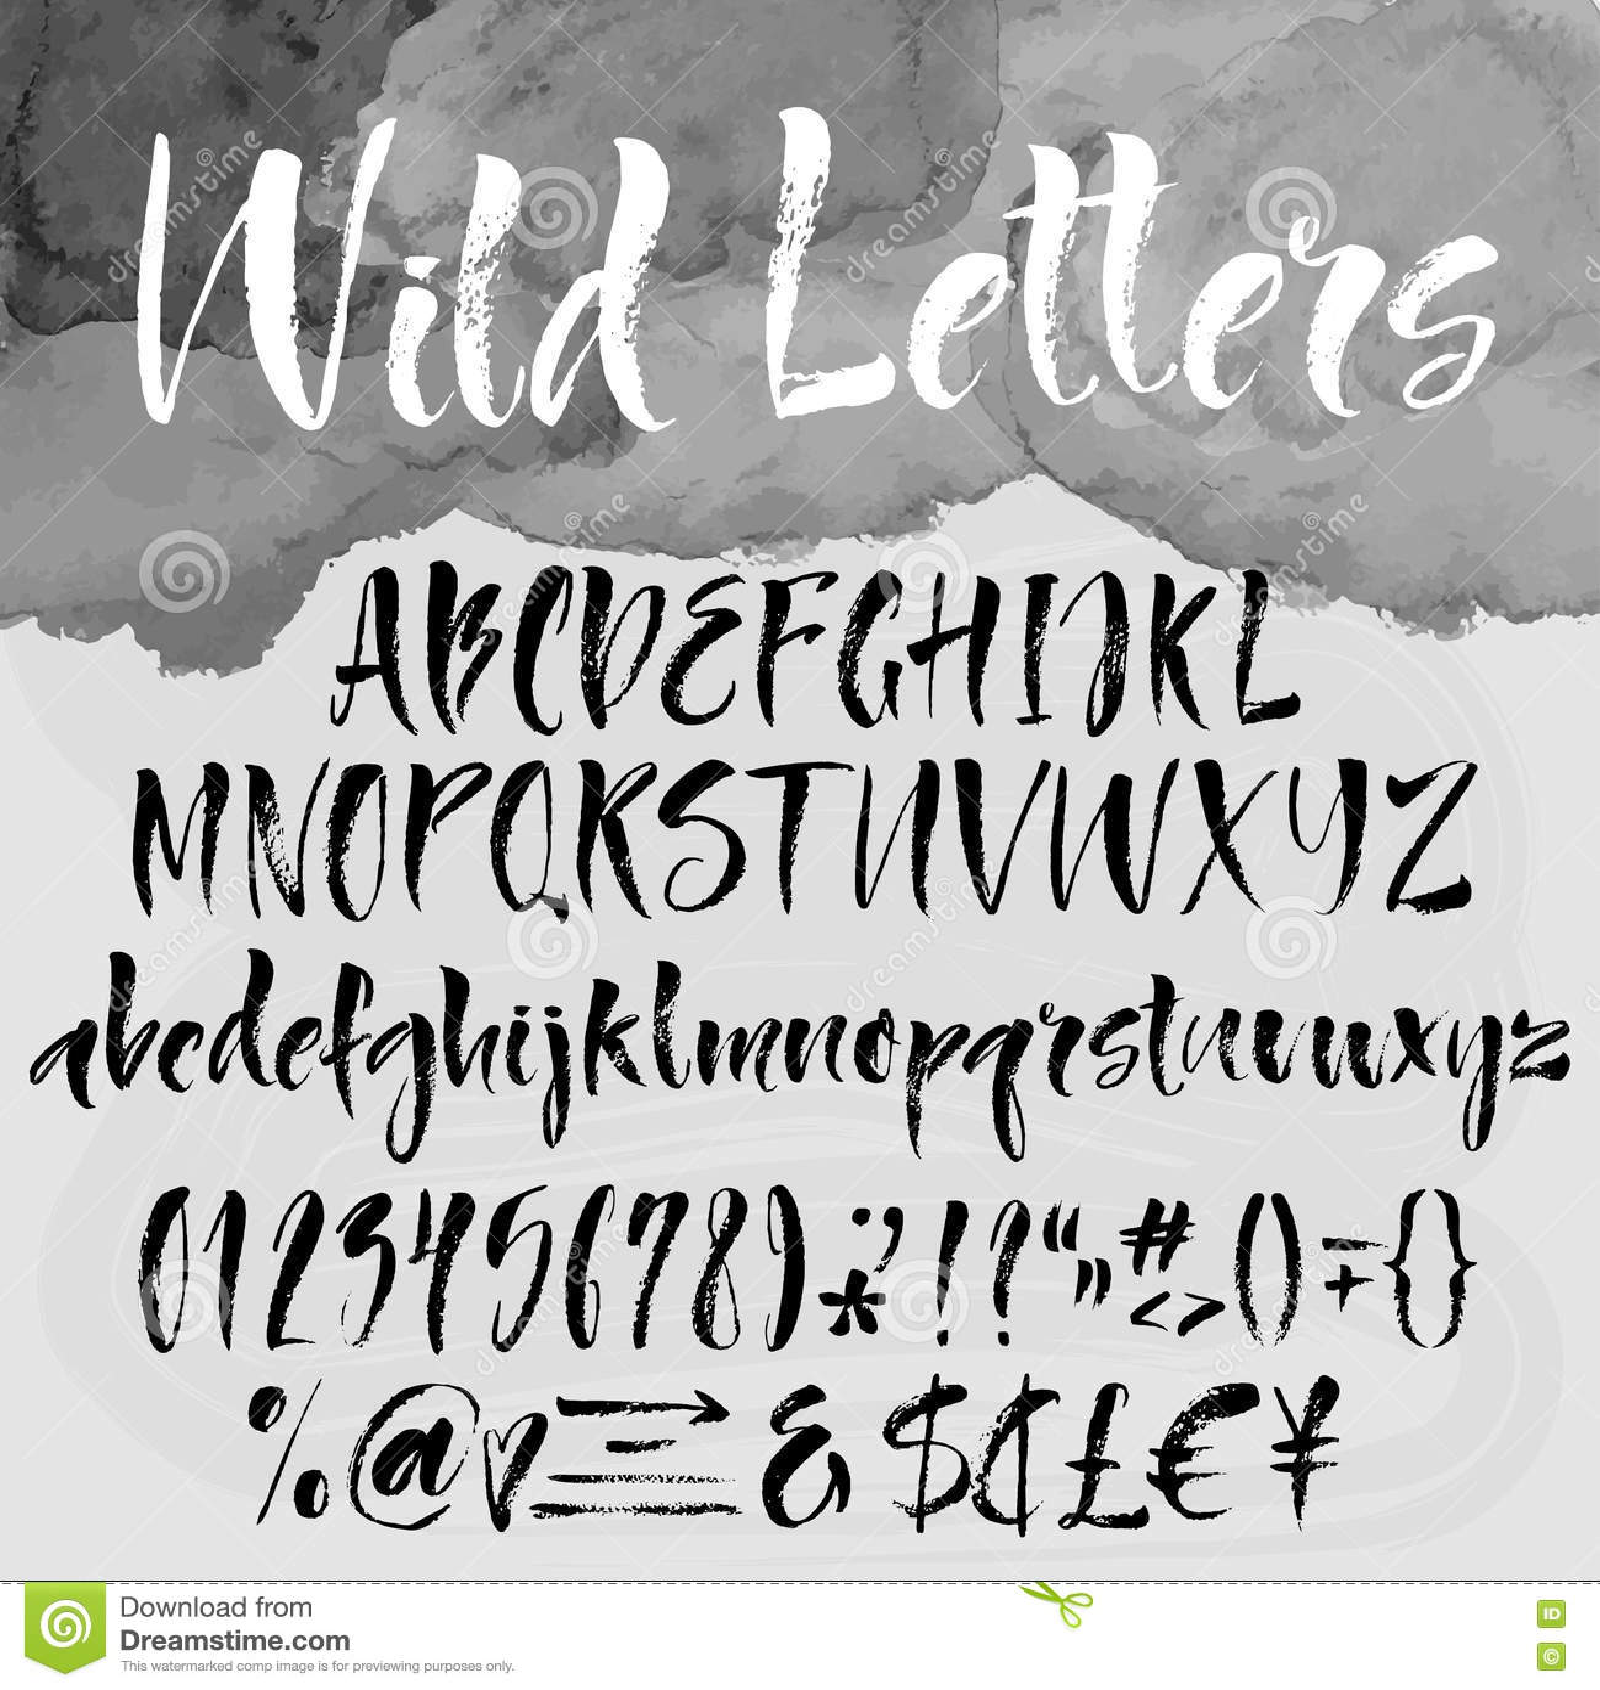 brush lettering alphabetical set stock vector image 75854342 brush lettering alphabetical set